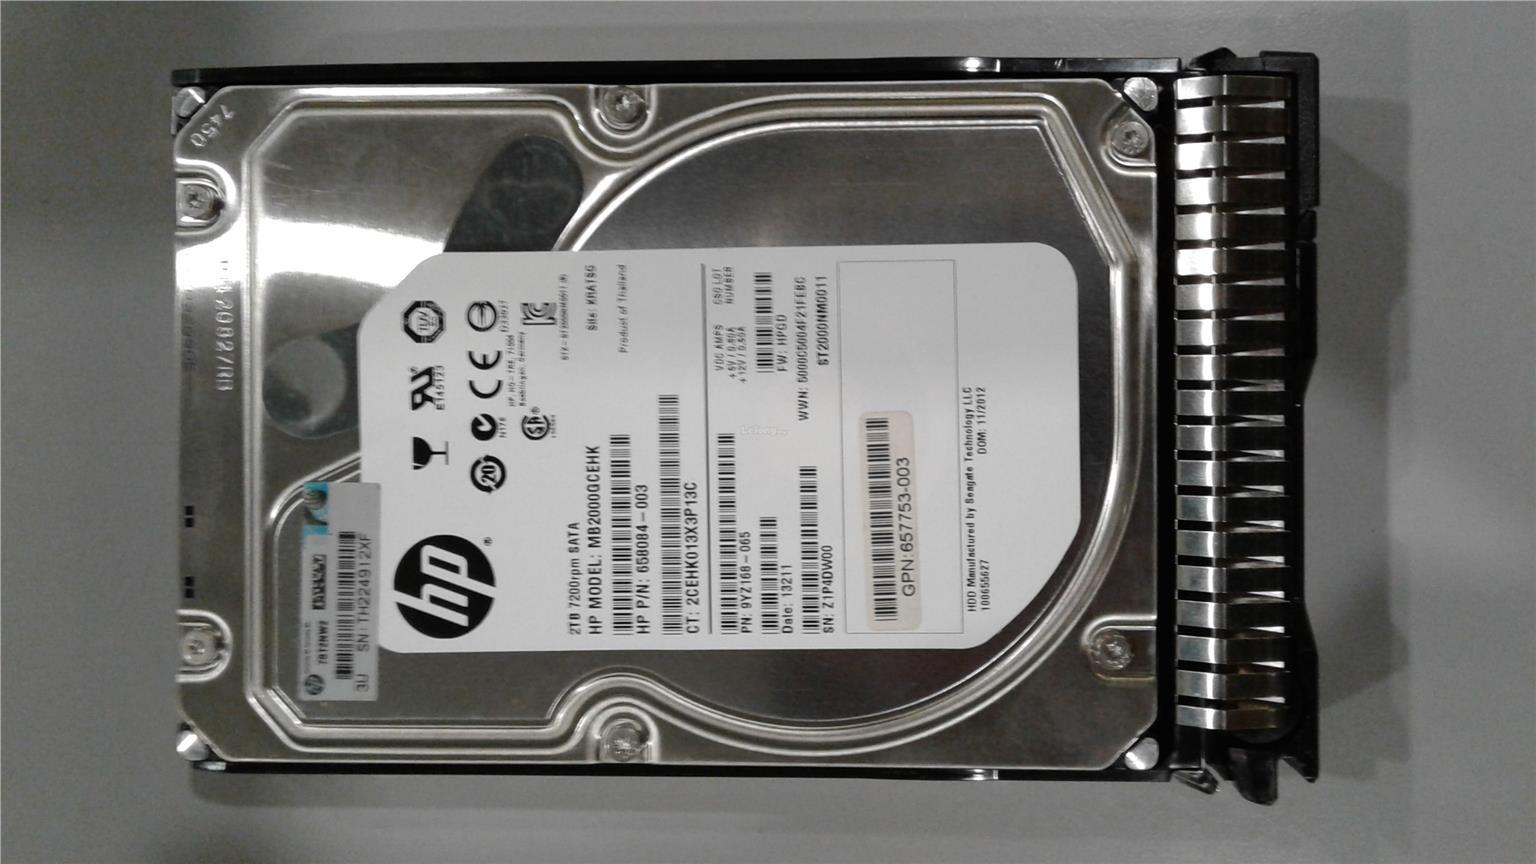 658084-003 HP  SATA 6G 2TB 7.2K SC Hard Drive 658079-B21 658102-001 W//Blank Tray